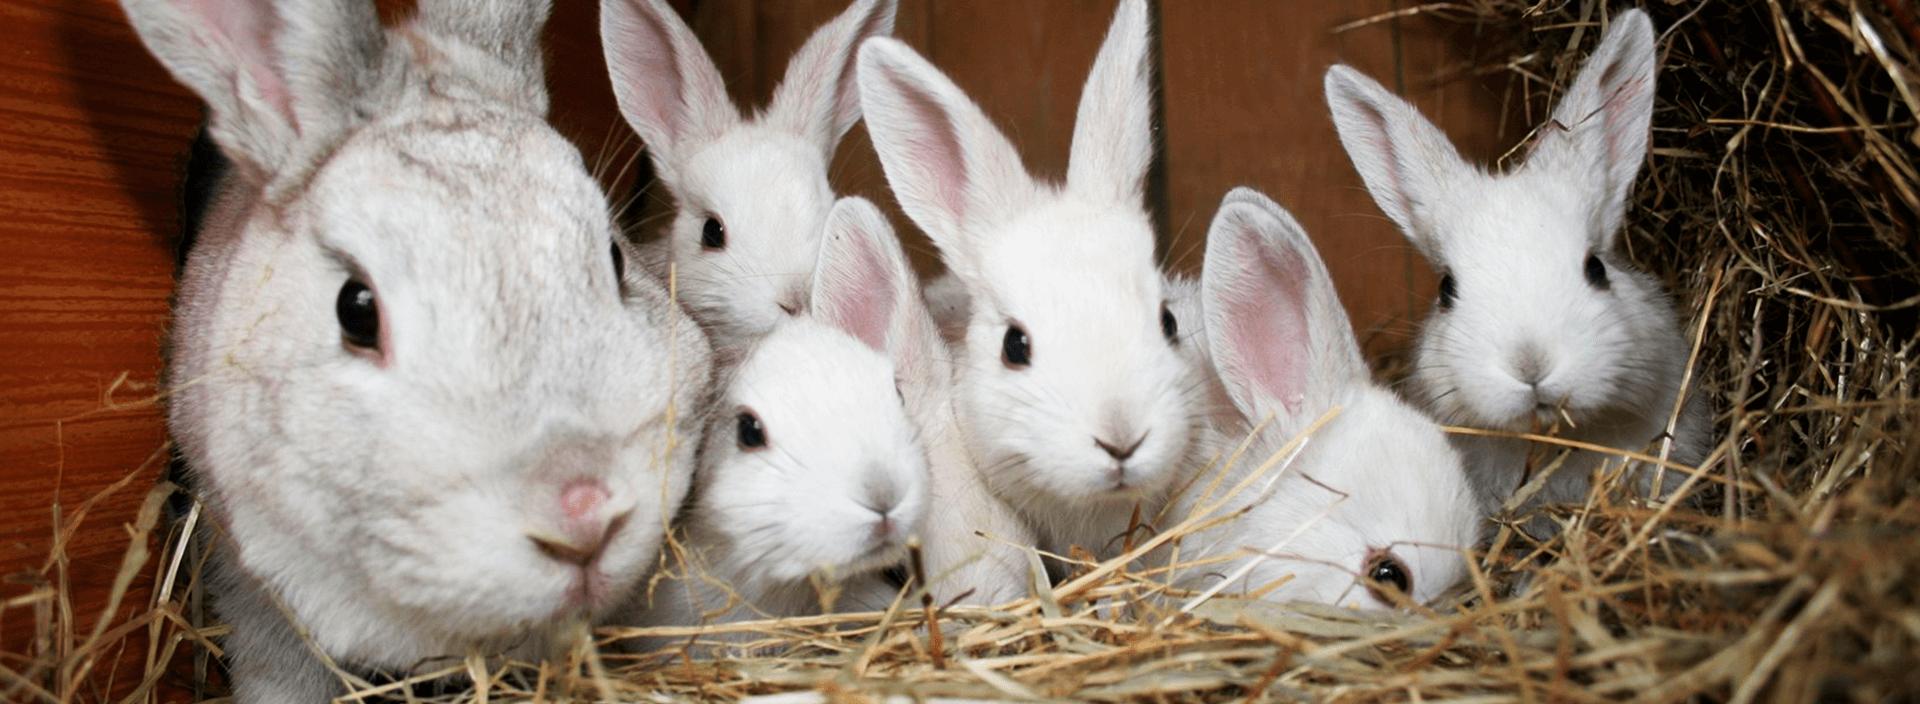 Комбикорм для кроликов: какой лучше, состав, сколько съедает кролик